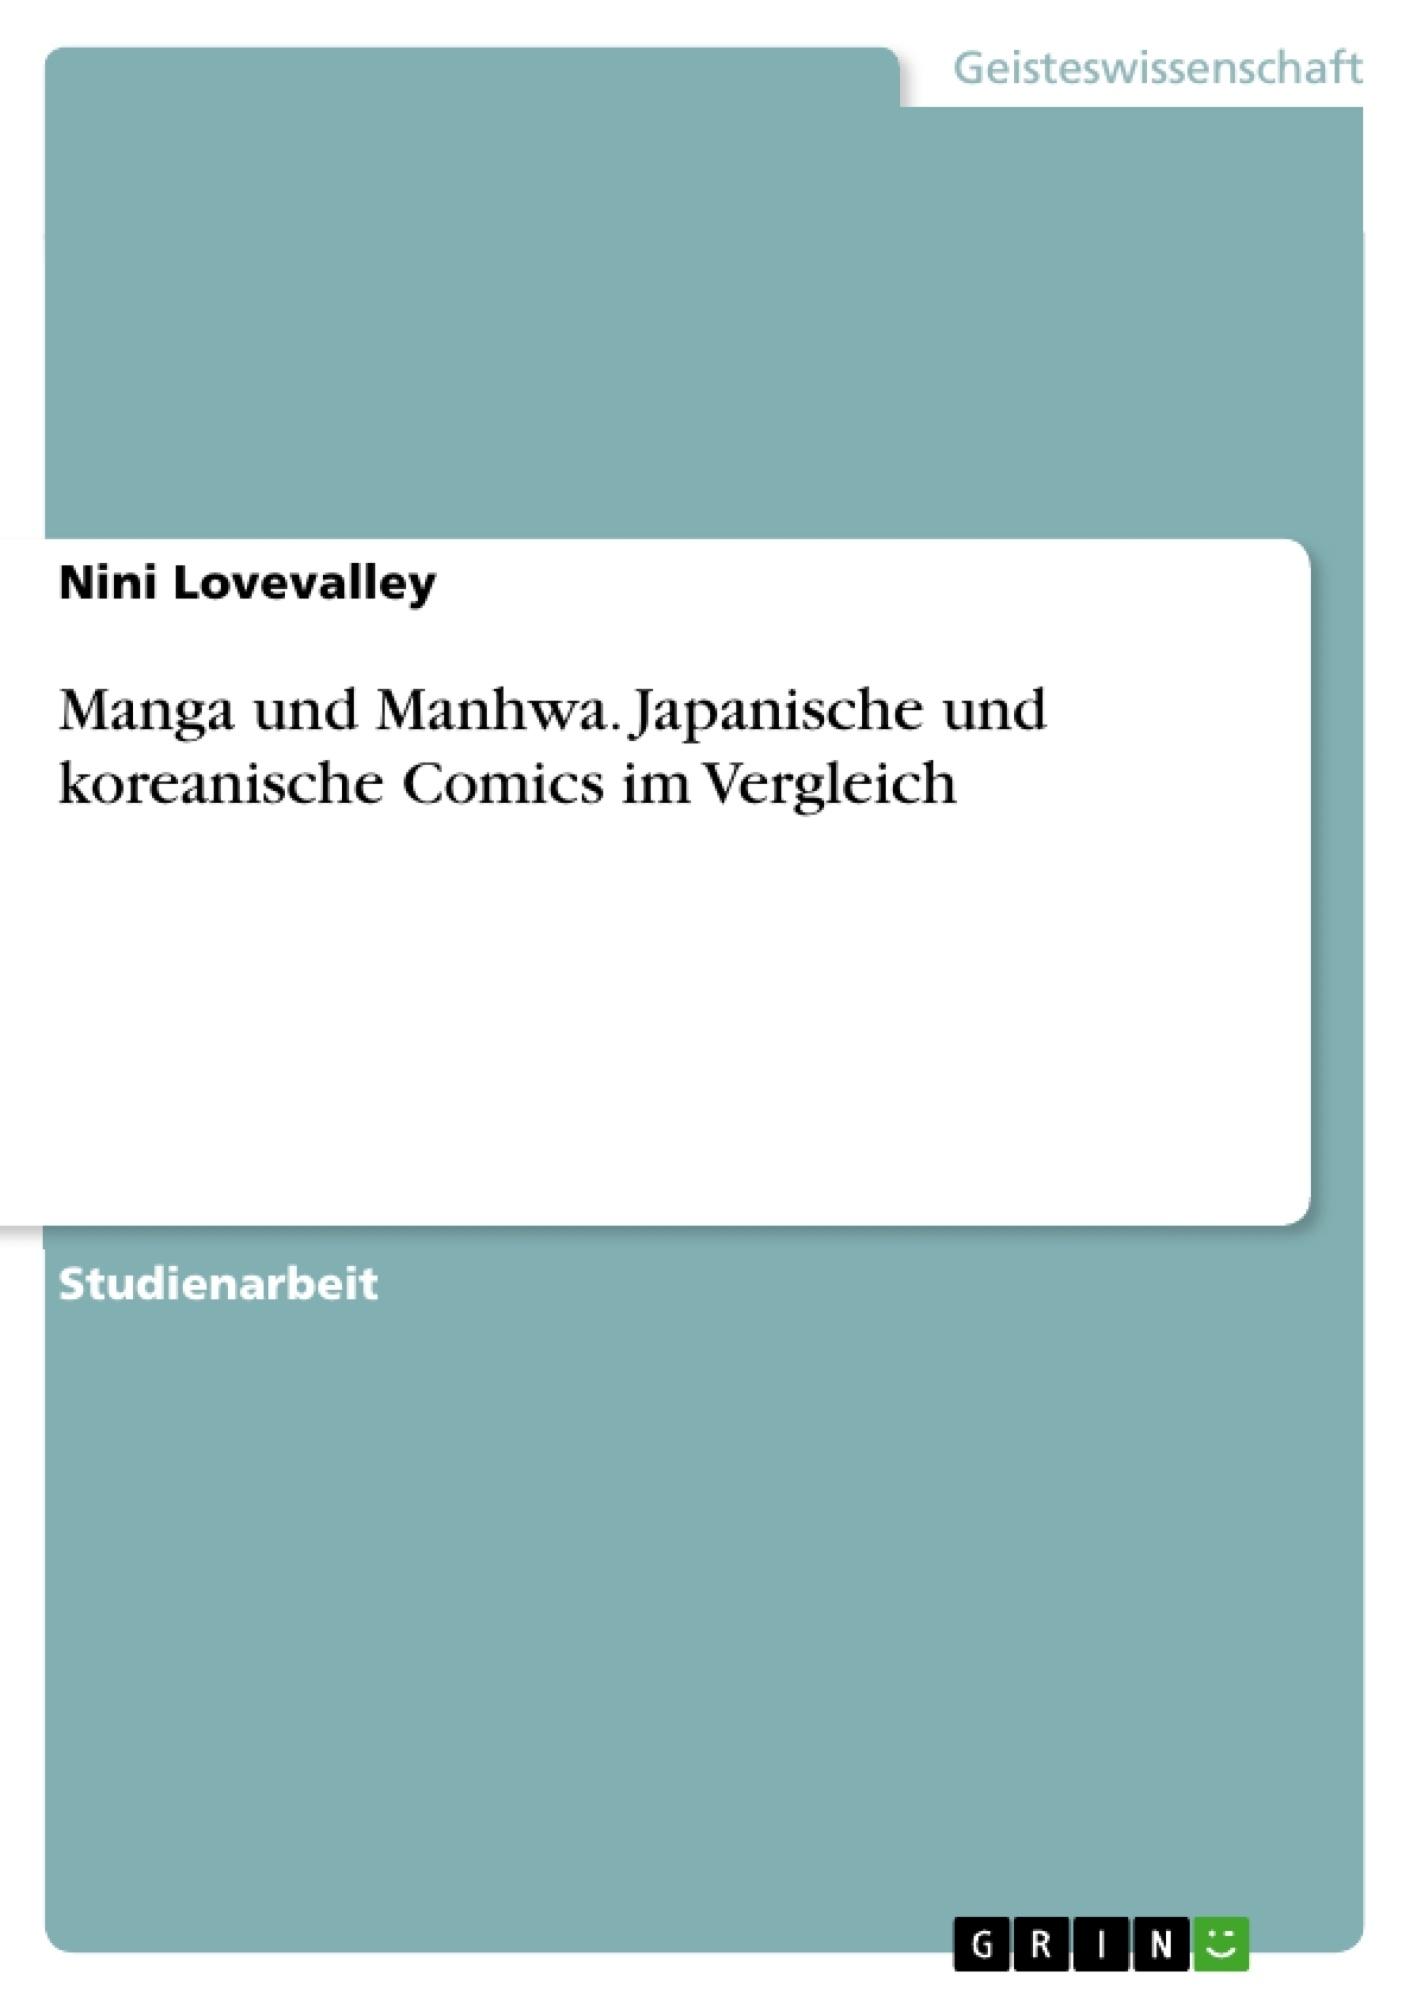 Titel: Manga und Manhwa. Japanische und koreanische Comics im Vergleich